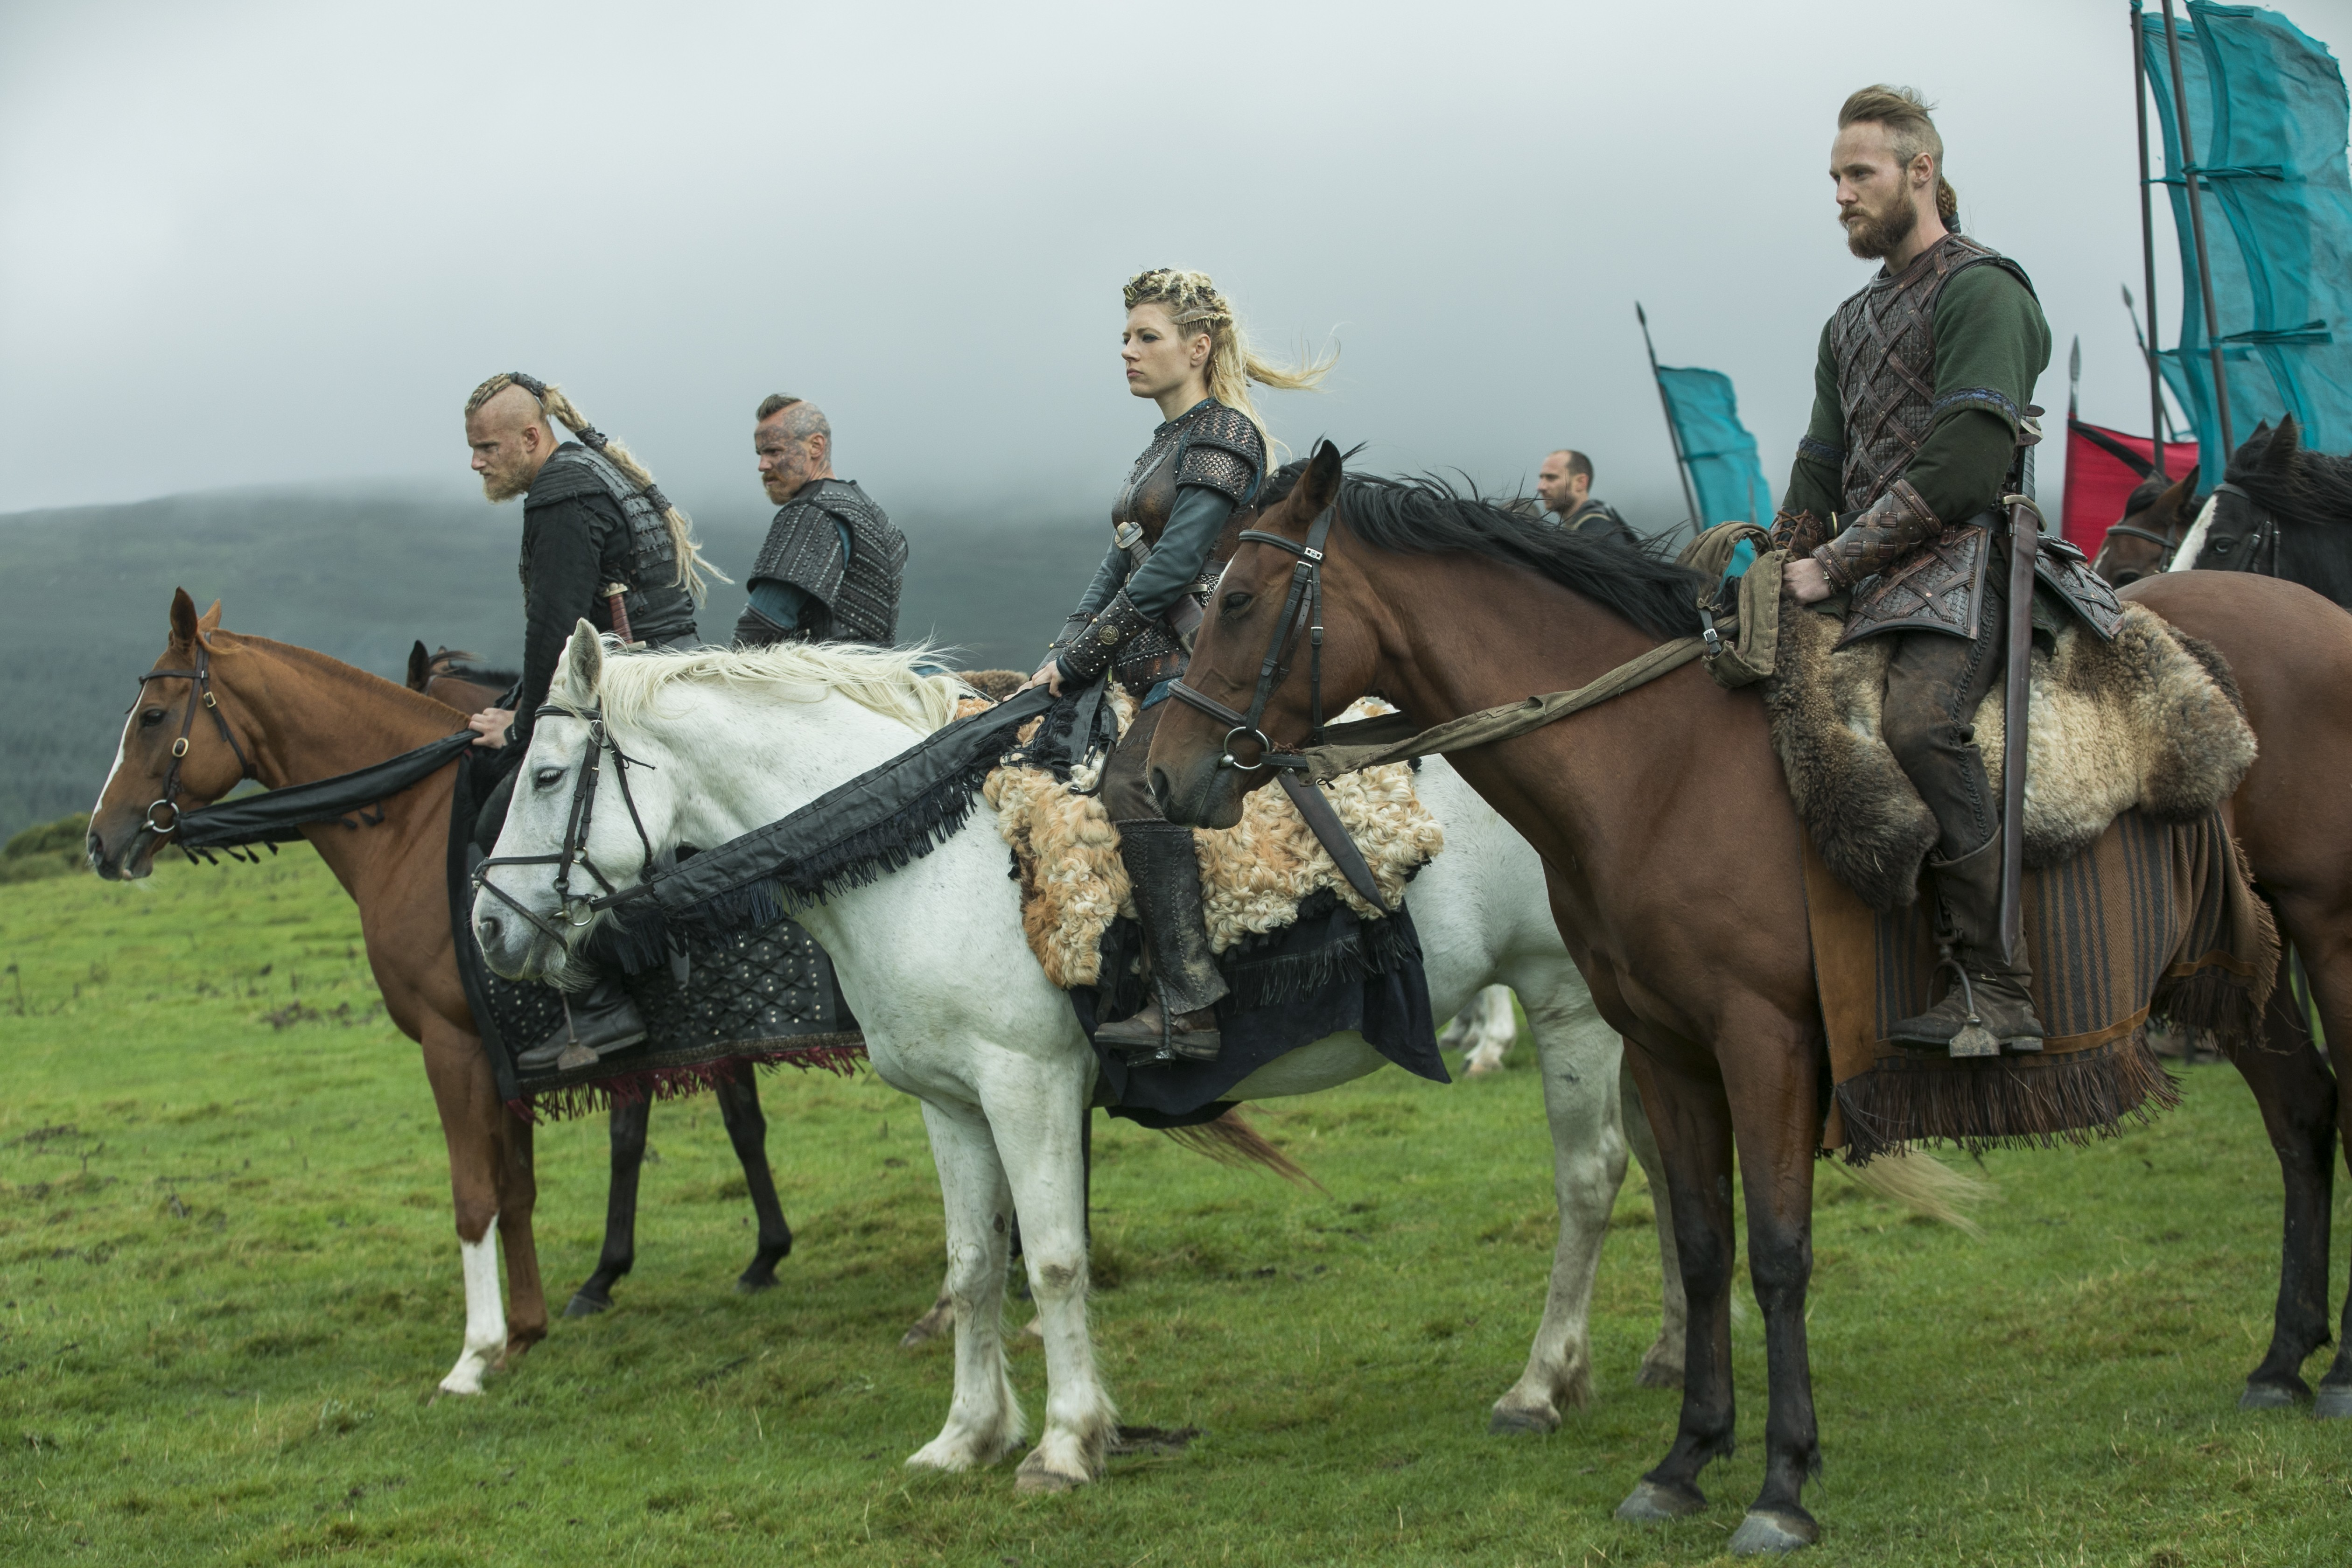 Vikings Horse Tack 5040x3360 Wallpaper Teahub Io